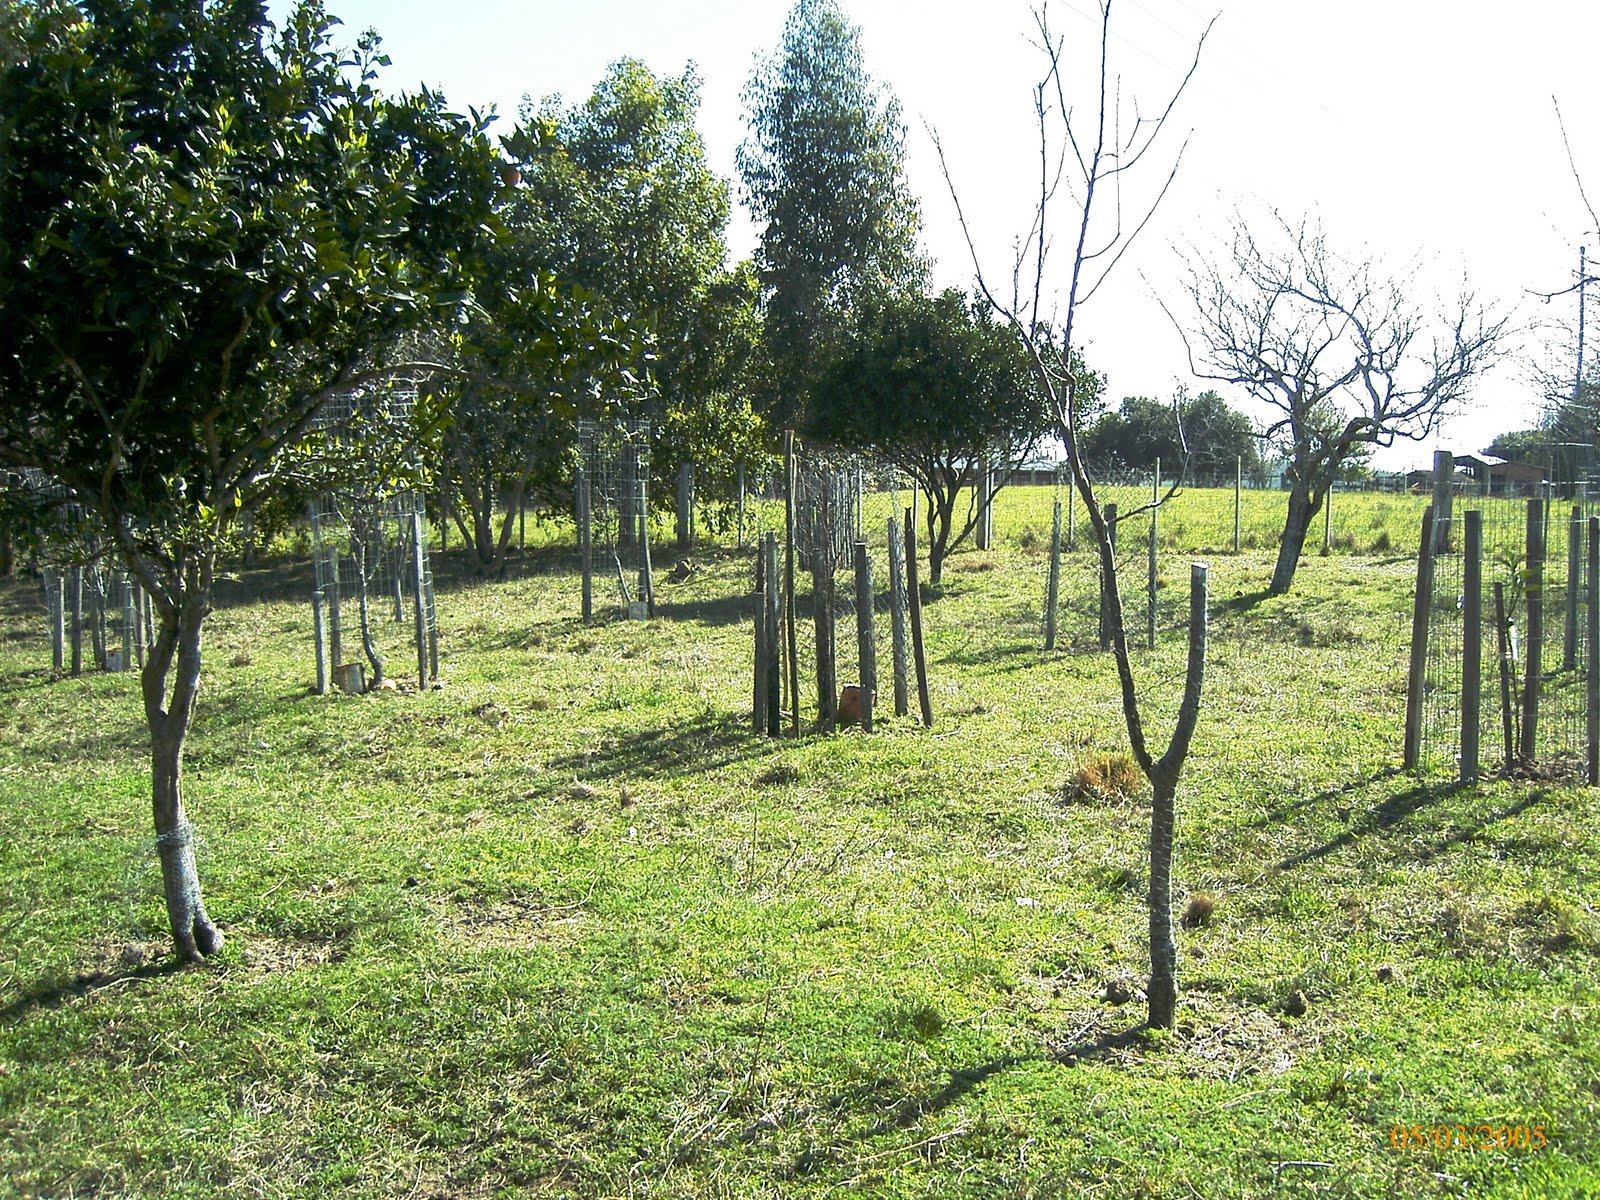 Cultivo de frutiferas Lembranças de infância de subir na laranjeira